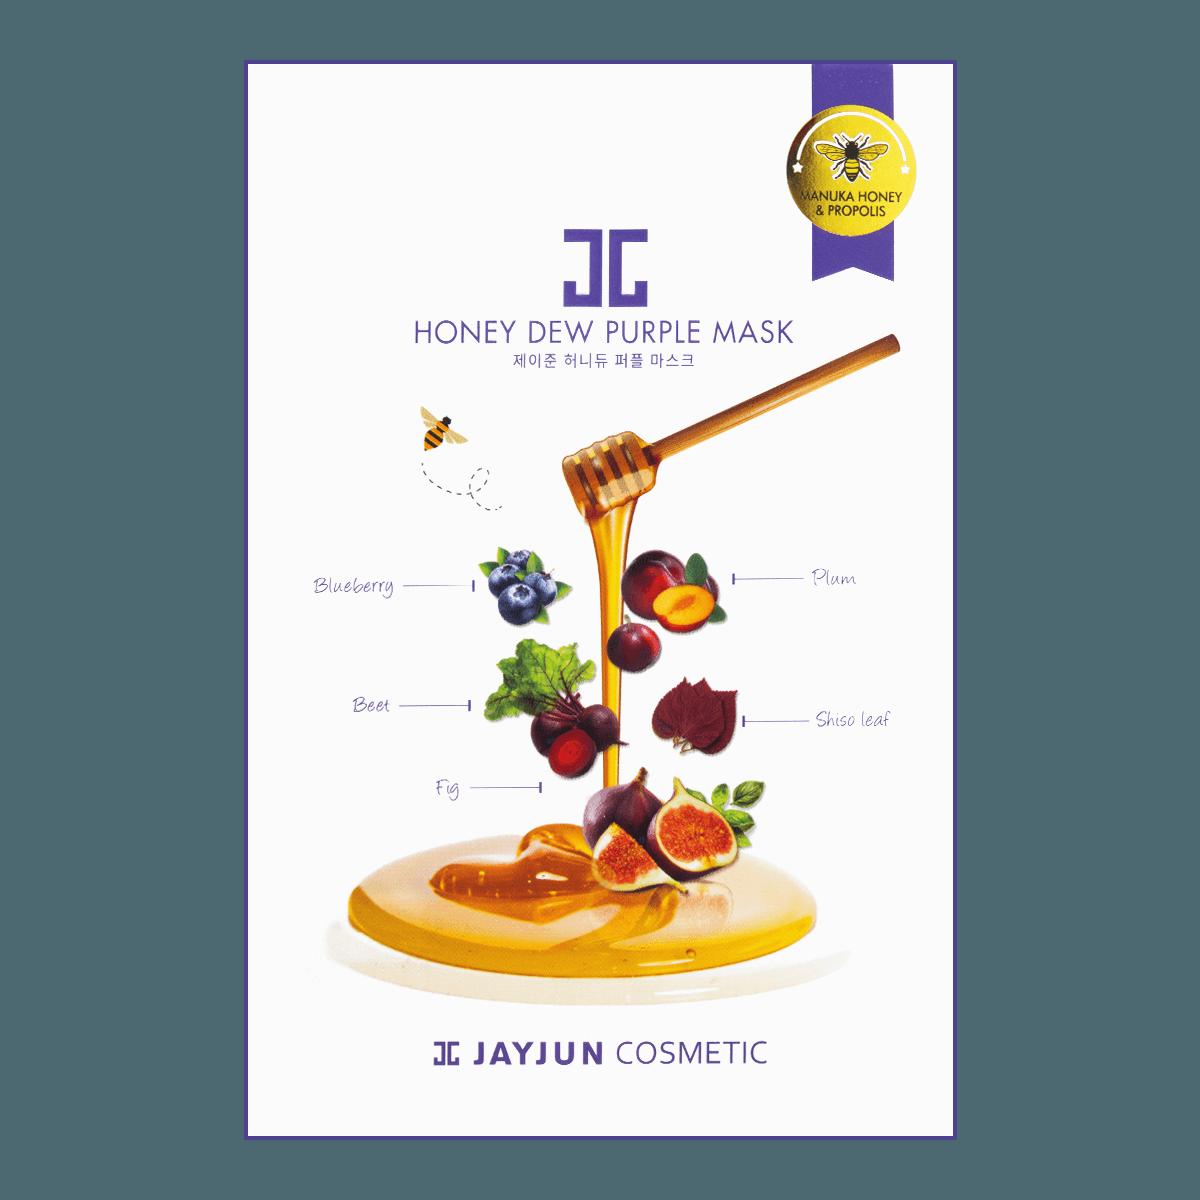 韩国JAYJUN 水光麦卢卡蜂蜜紫莓面膜 5片入